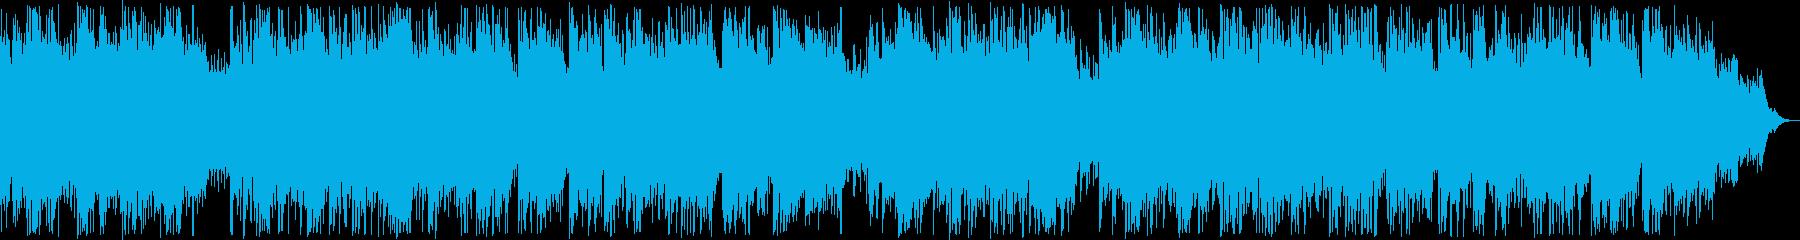 清らかなリラクゼーションミュージックの再生済みの波形